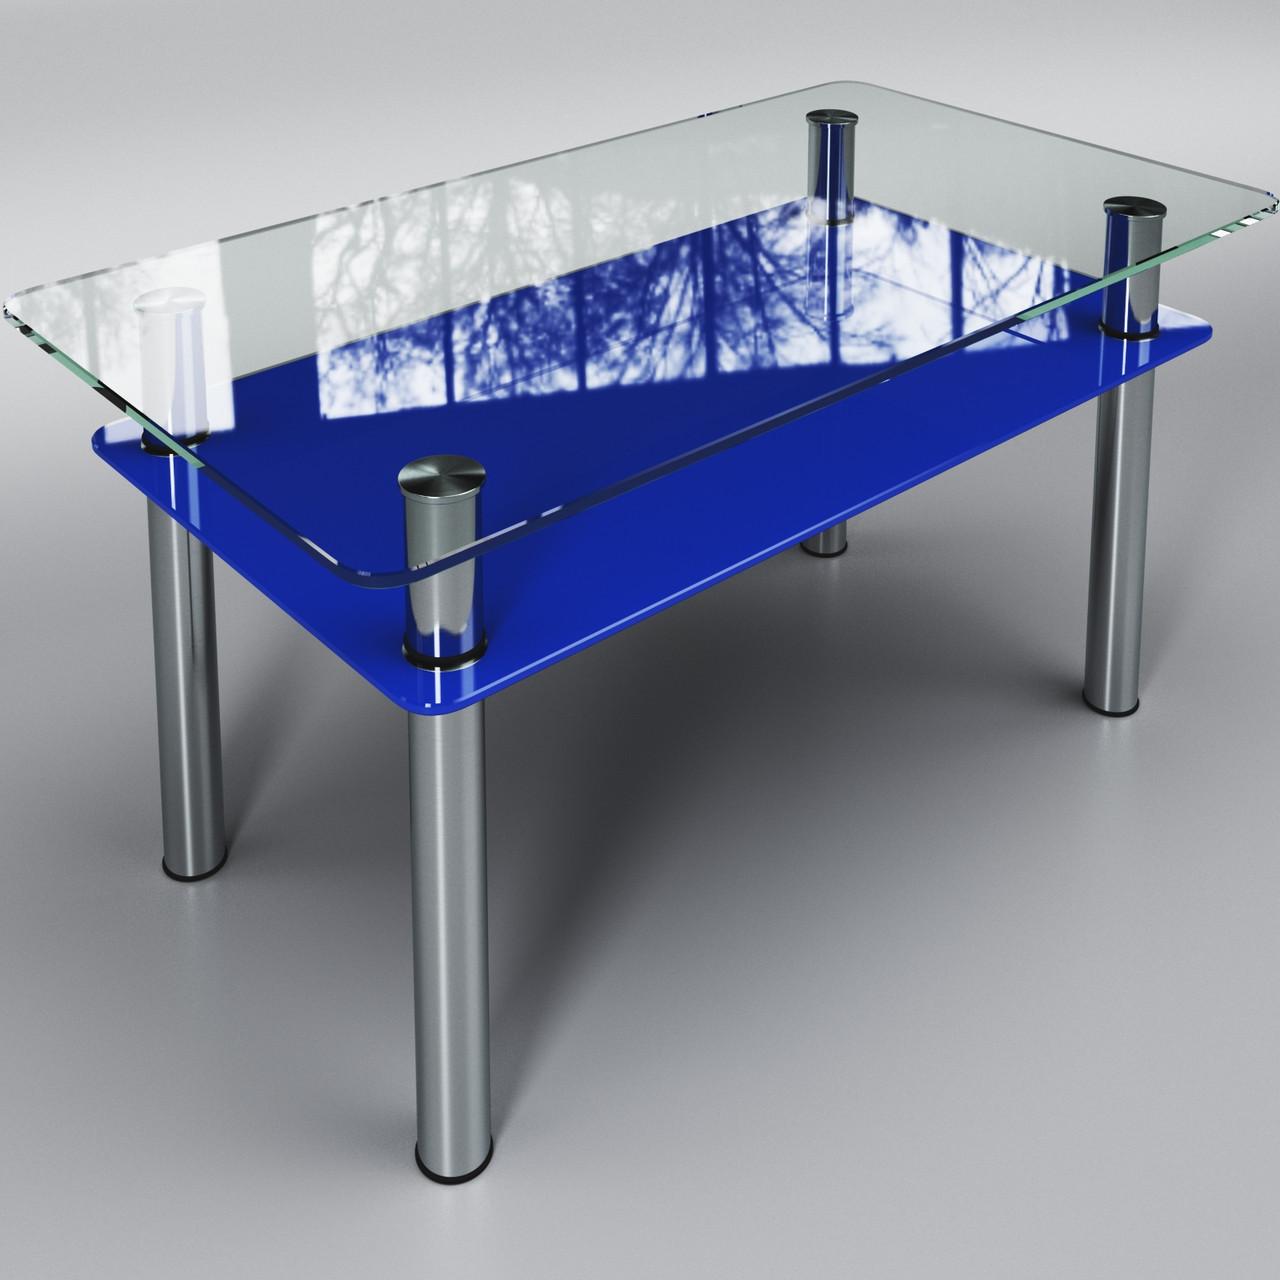 Журнальный стеклянный стол Вега с полкой Синий ТМ Sentenzo